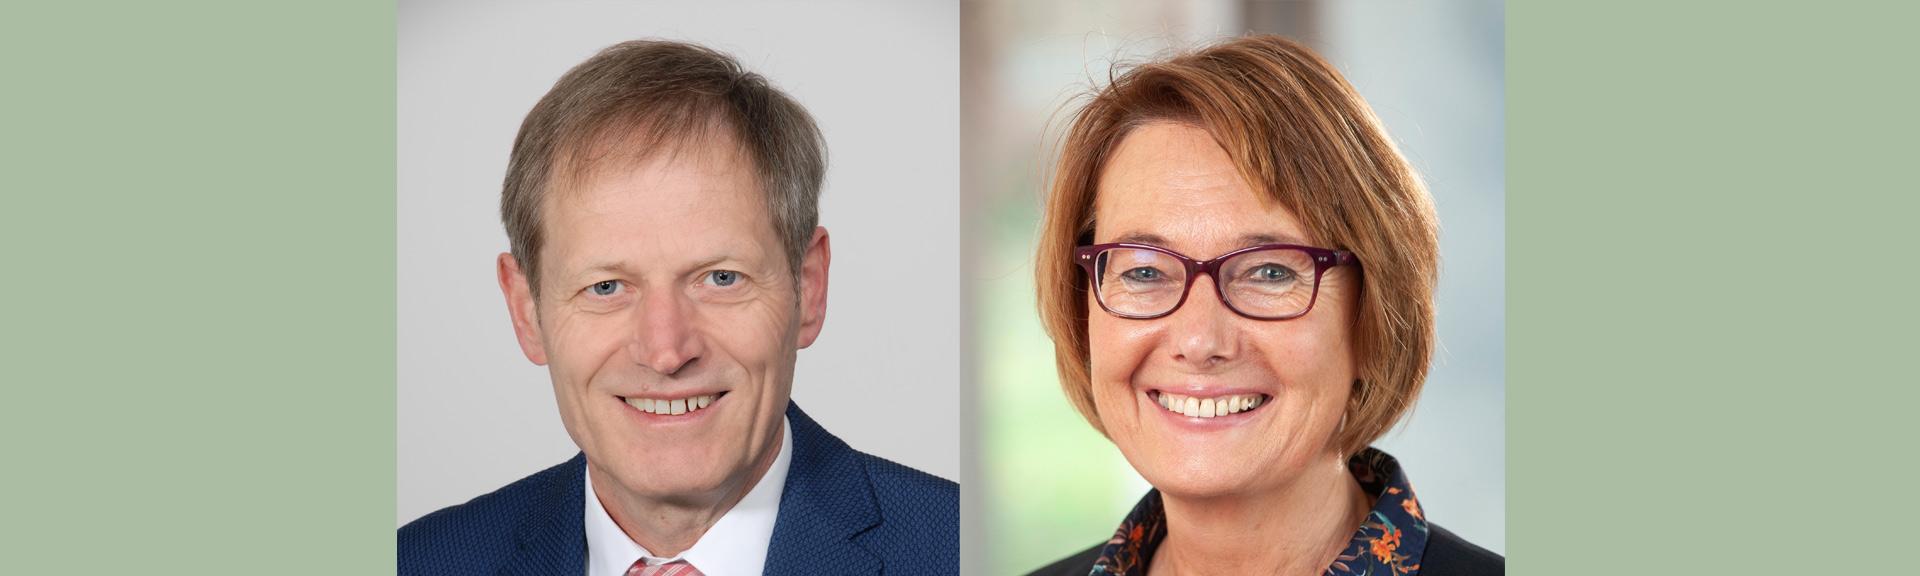 Prorektor Decker und Prorektorin Lütje-Klose im Doppelportrait